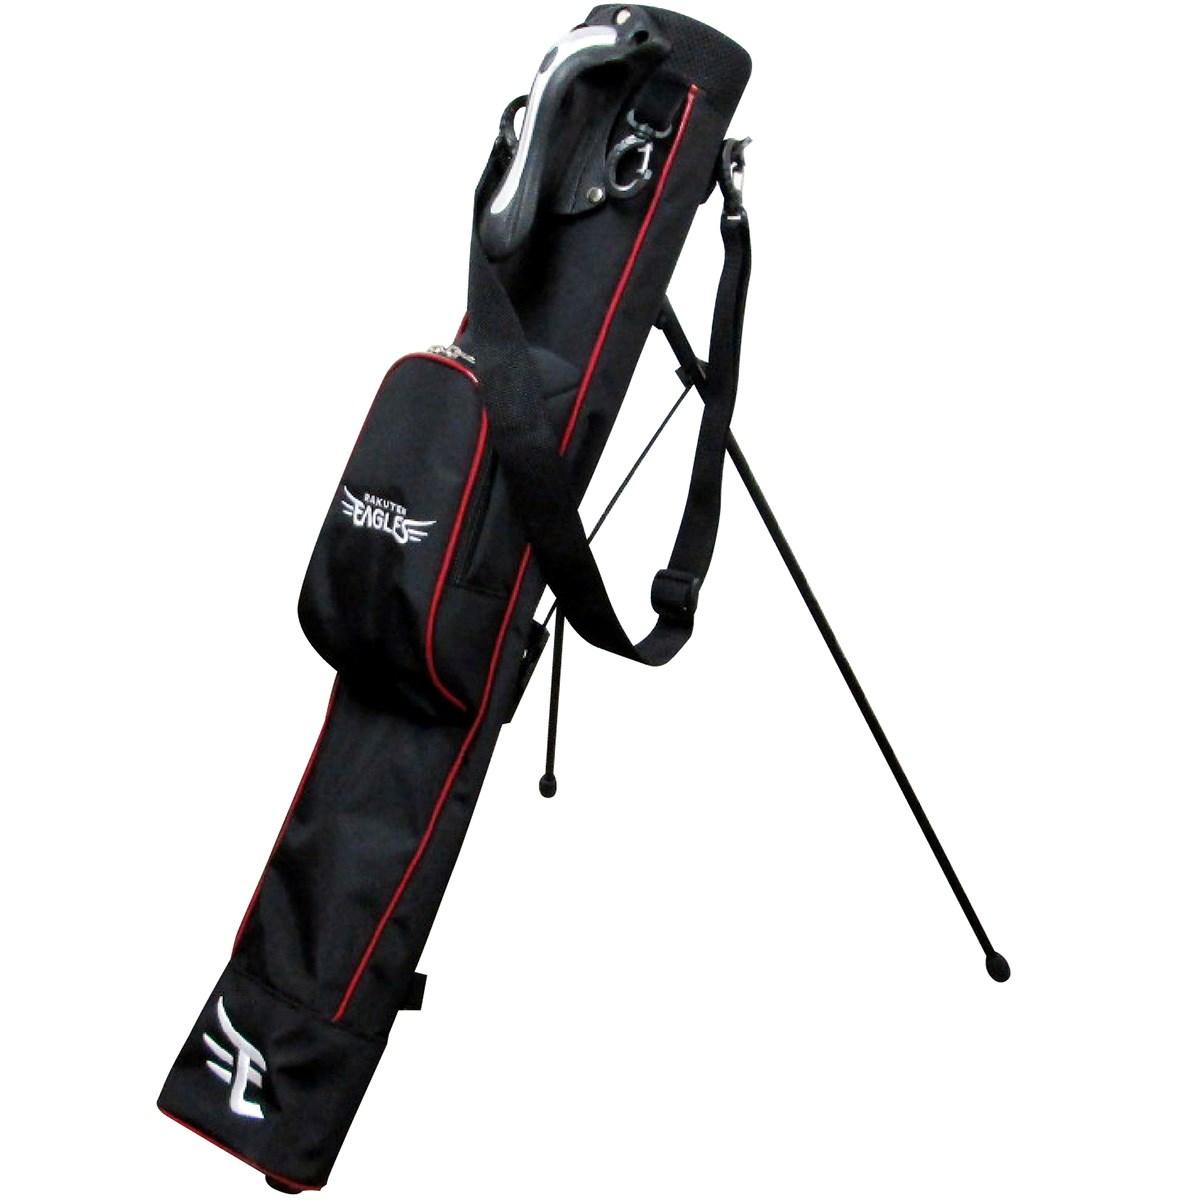 [2019年モデル] キャスコ KASCO 東北楽天ゴールデンイーグルス オリジナルスタンドクラブケース ブラック メンズ ゴルフ